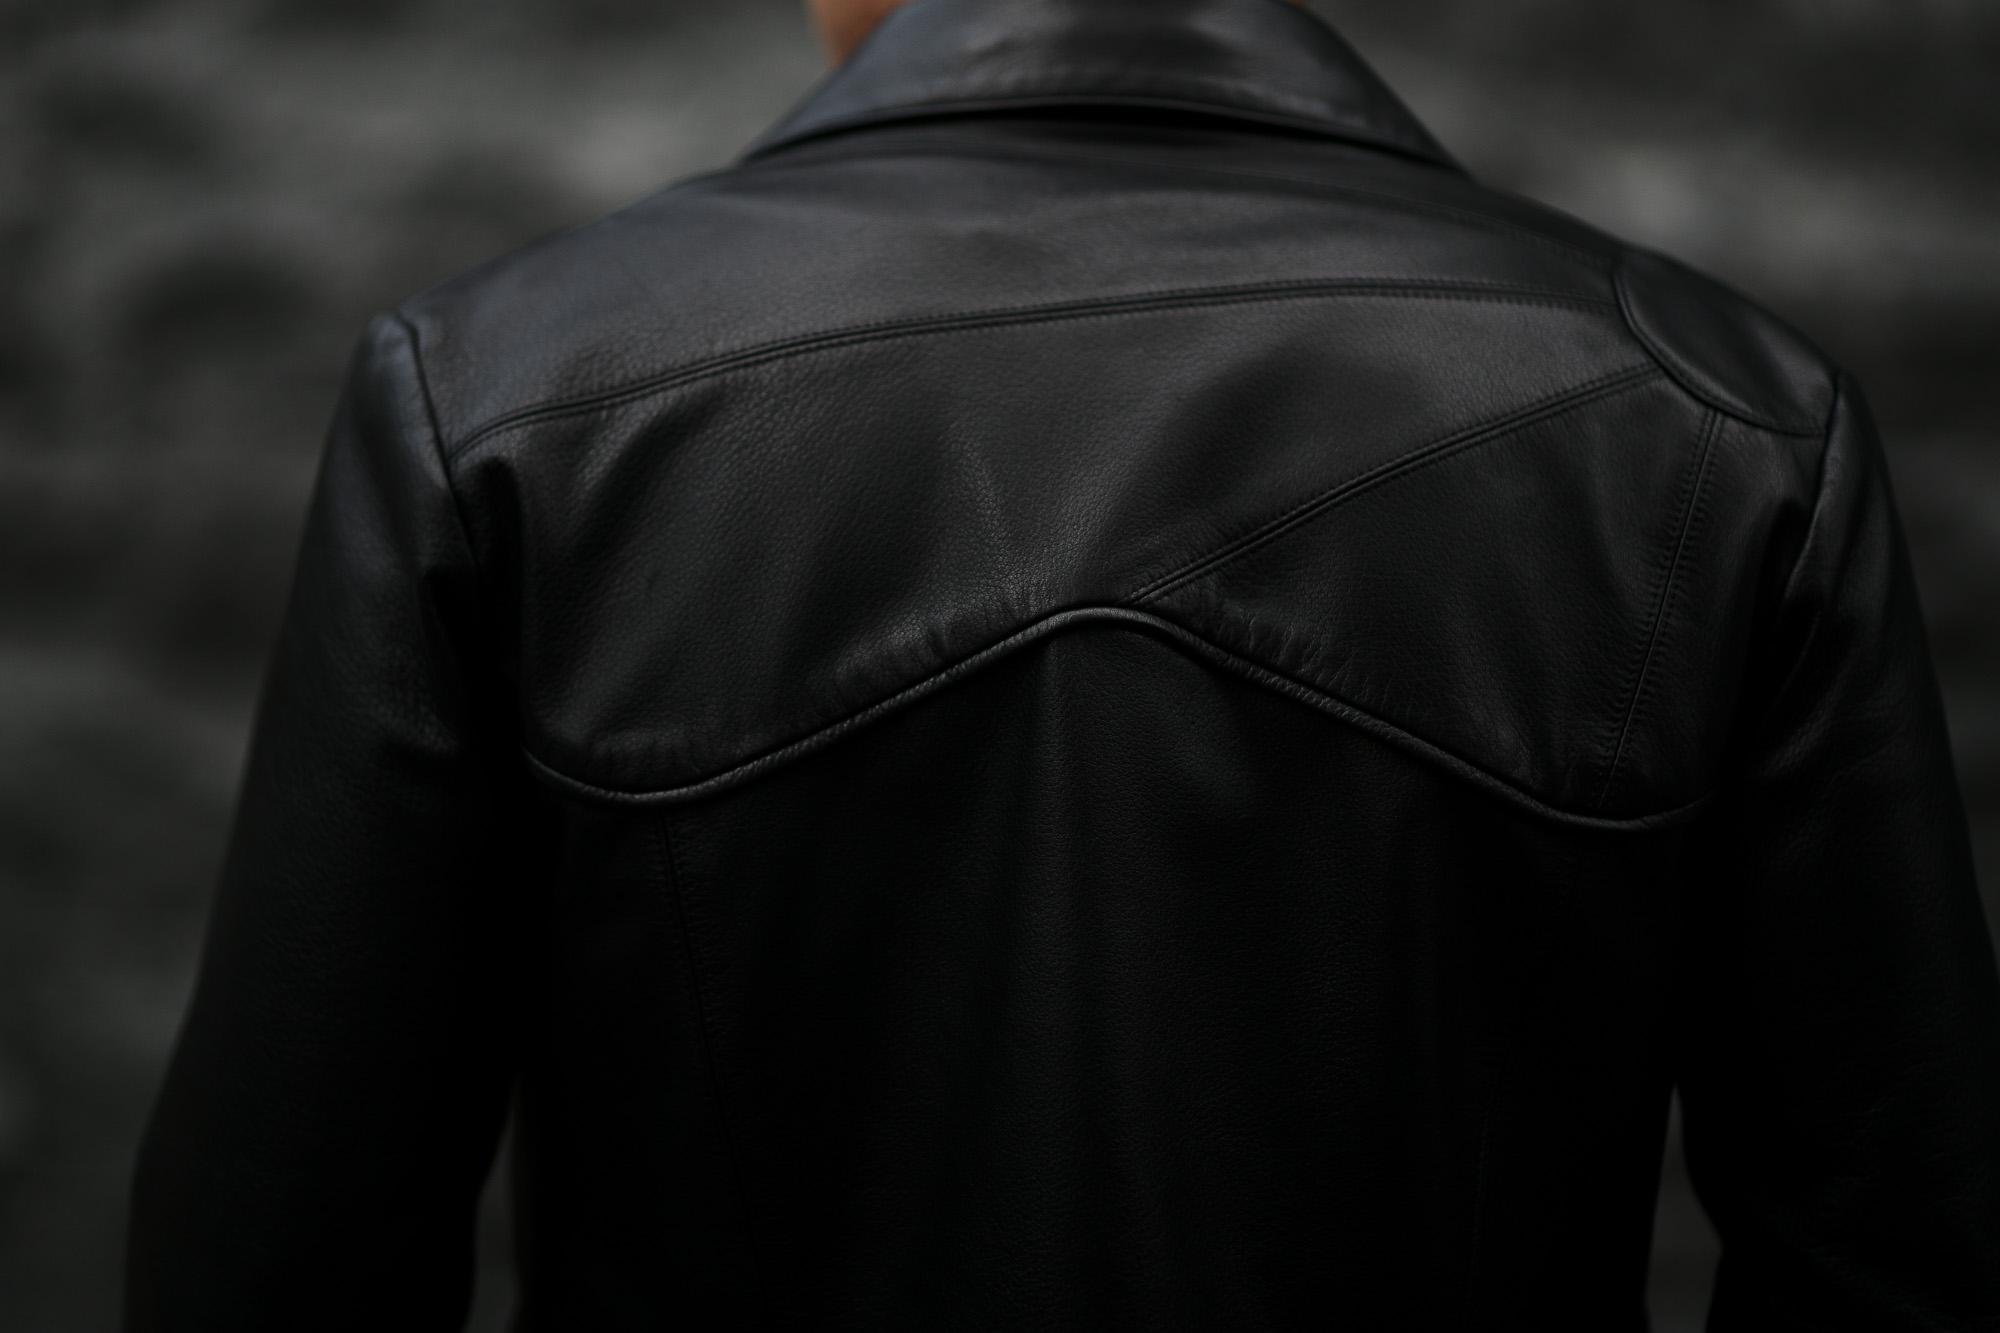 Cuervo (クエルボ) Satisfaction Leather Collection (サティスファクション レザー コレクション) East West(イーストウエスト)  SMOKE(スモーク) BUFFALO LEATHER (バッファロー レザー) レザージャケット BLACK(ブラック) MADE IN JAPAN (日本製) 2019 春夏新作 愛知 名古屋 altoediritto アルトエデリット 洋服屋 レザージャケット サウスパラディソ eastwest